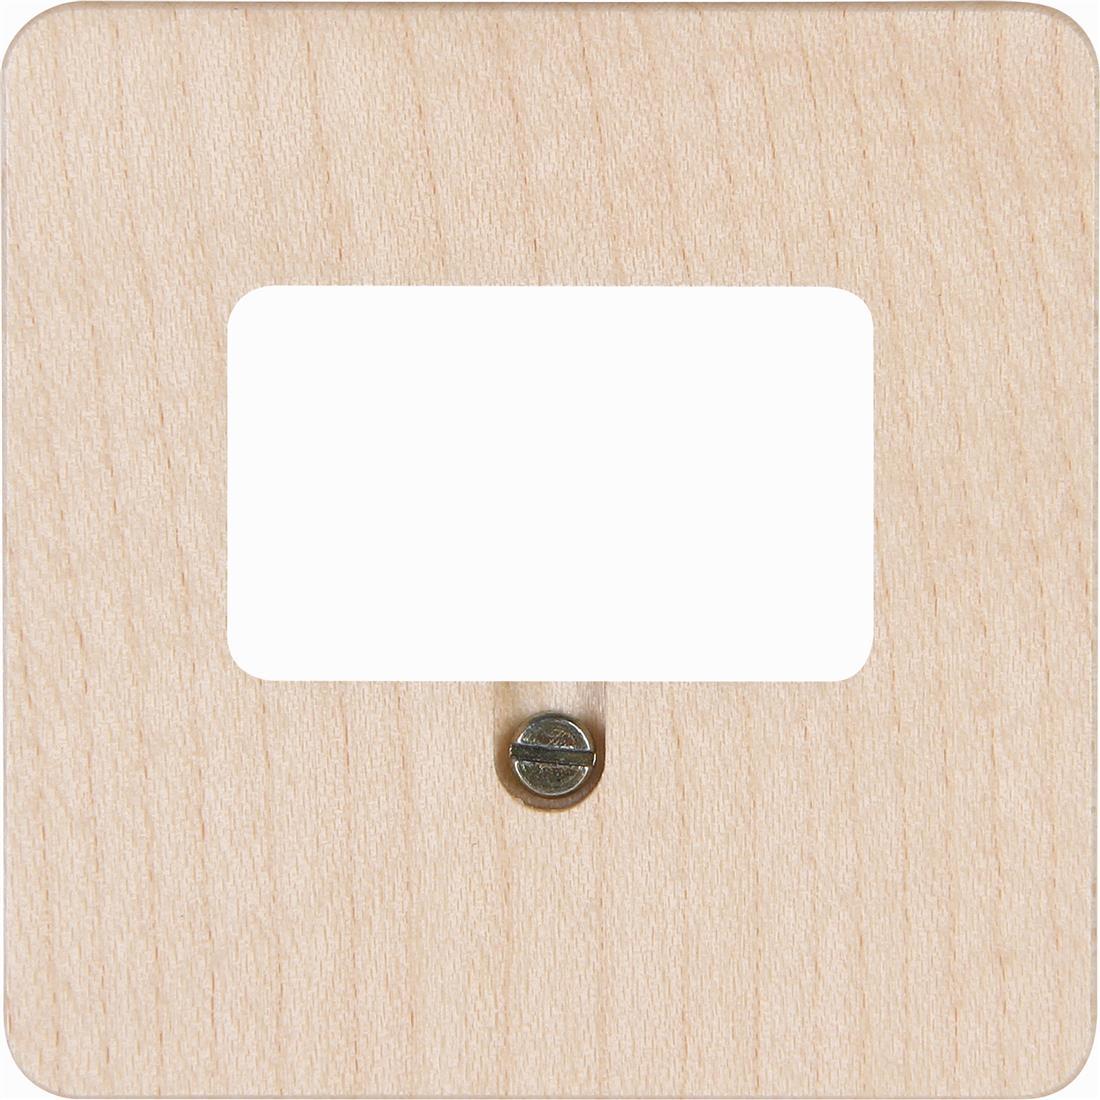 Kopp afdekking voor TAE telefoon aansluitdoos geschikt voor 1-3 aansluiting per 5